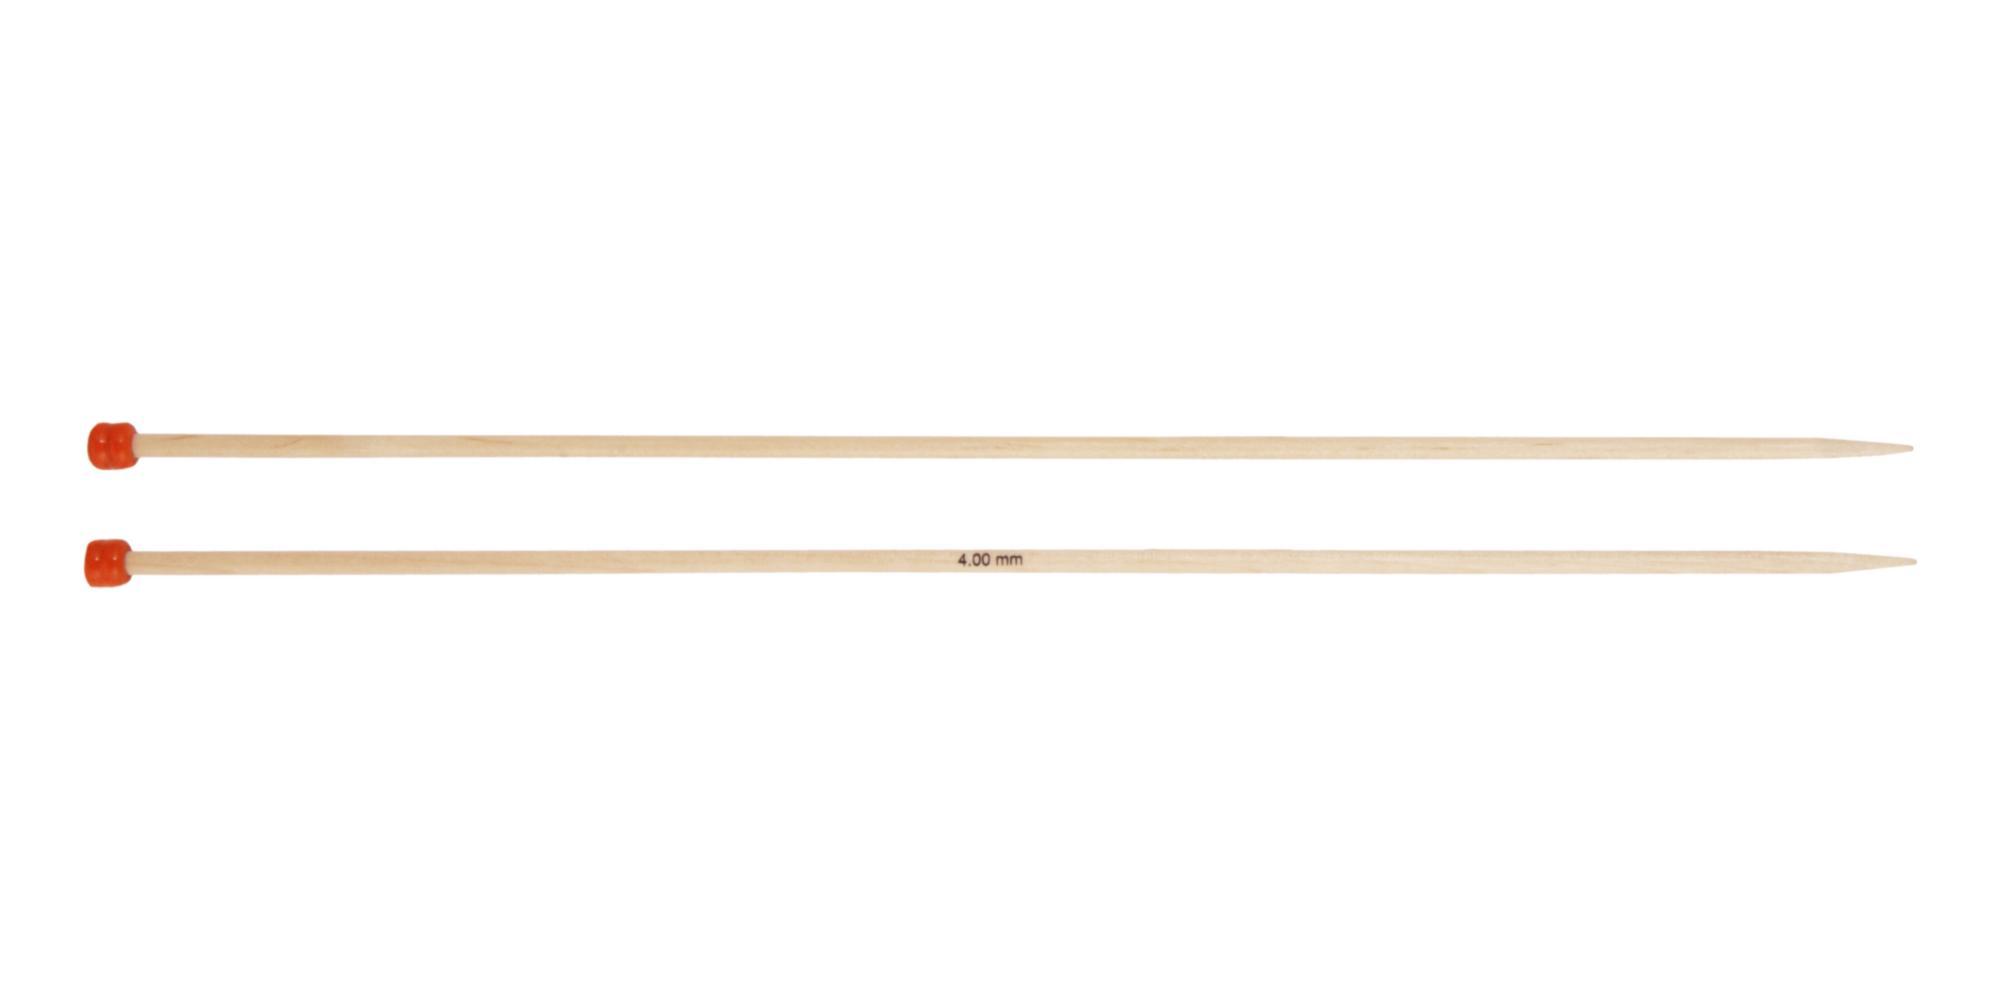 Спицы прямые 35 см Basix Birch Wood KnitPro, 35443, 3.75 мм